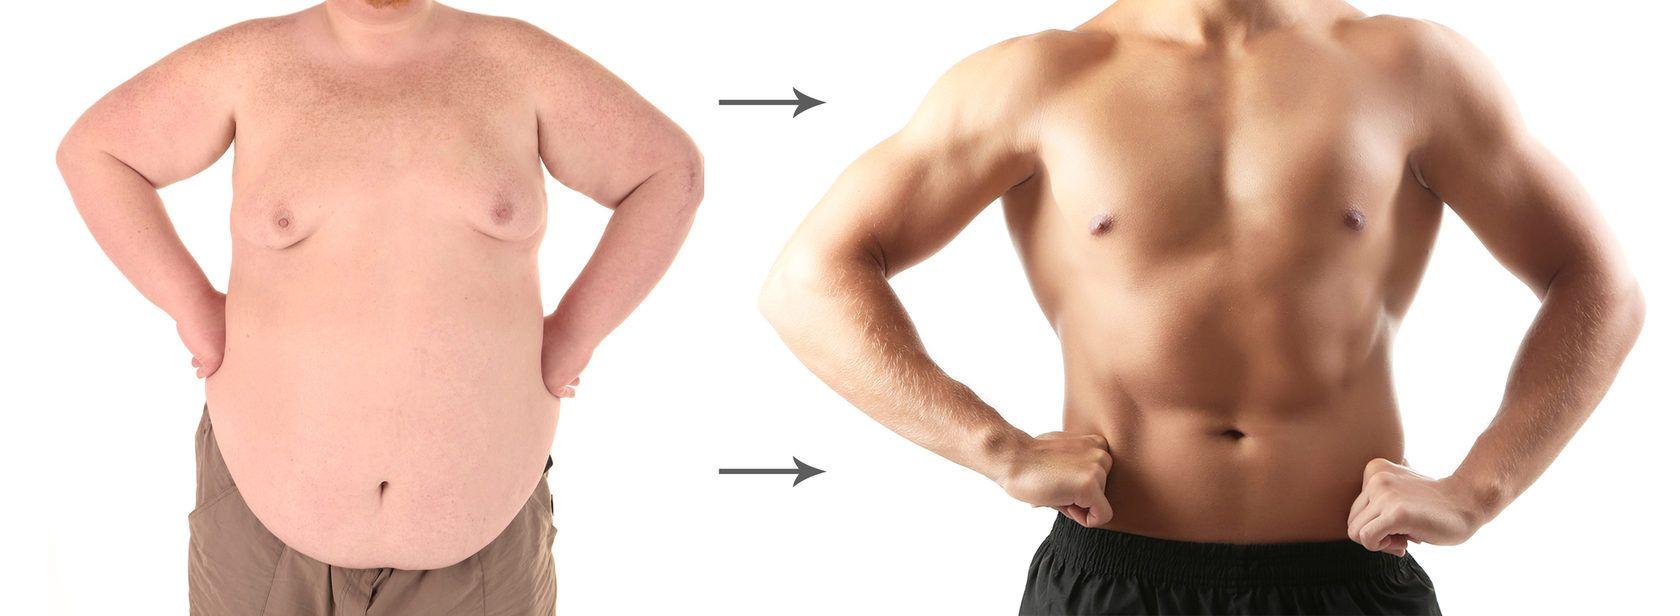 превращение мужчины из толстяка в спортивного